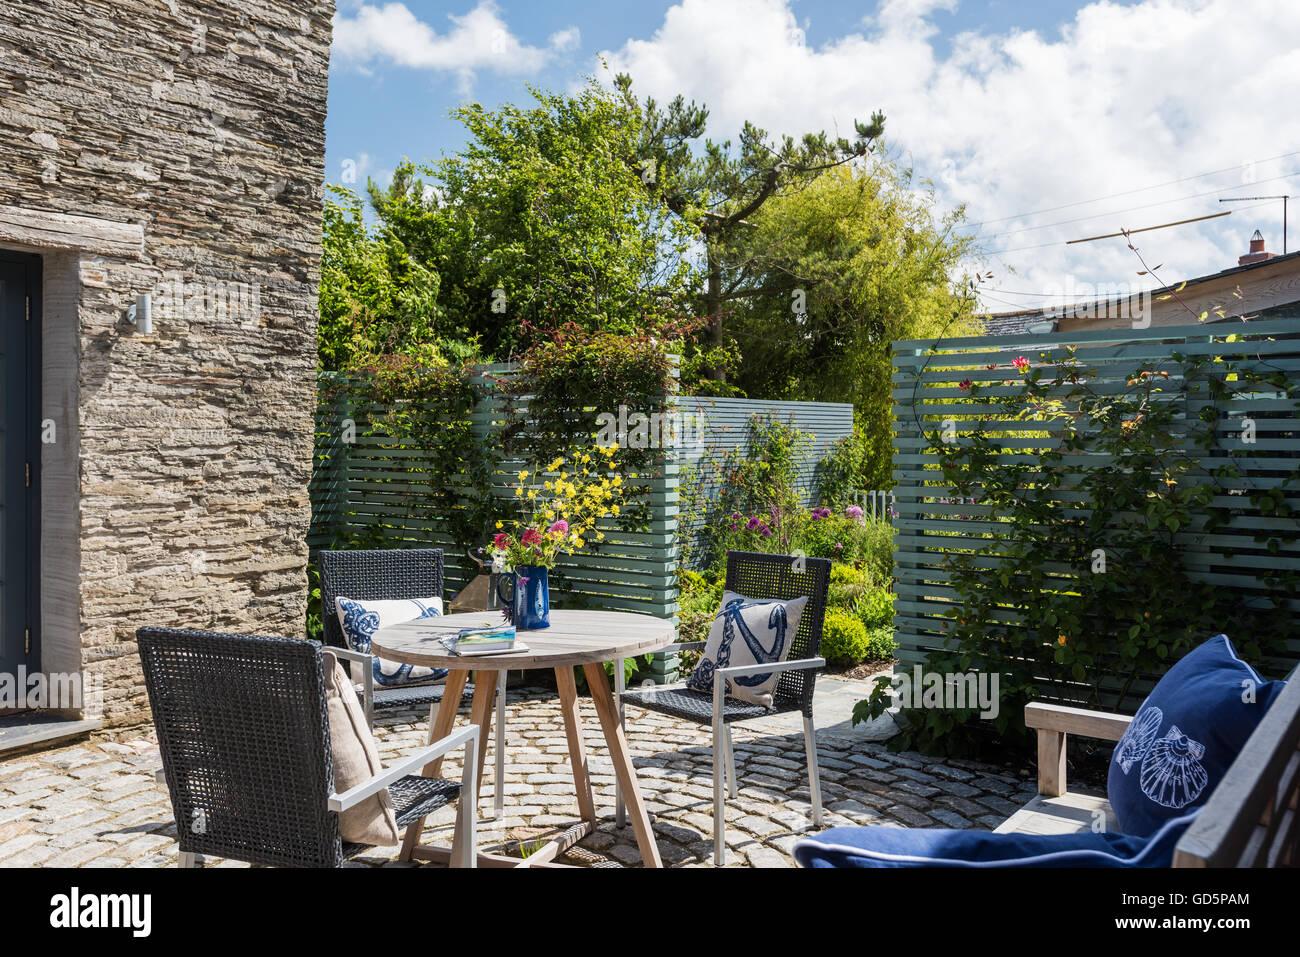 Mobili da giardino in cortile cottage con mattoni circolare lastricatore patio Immagini Stock